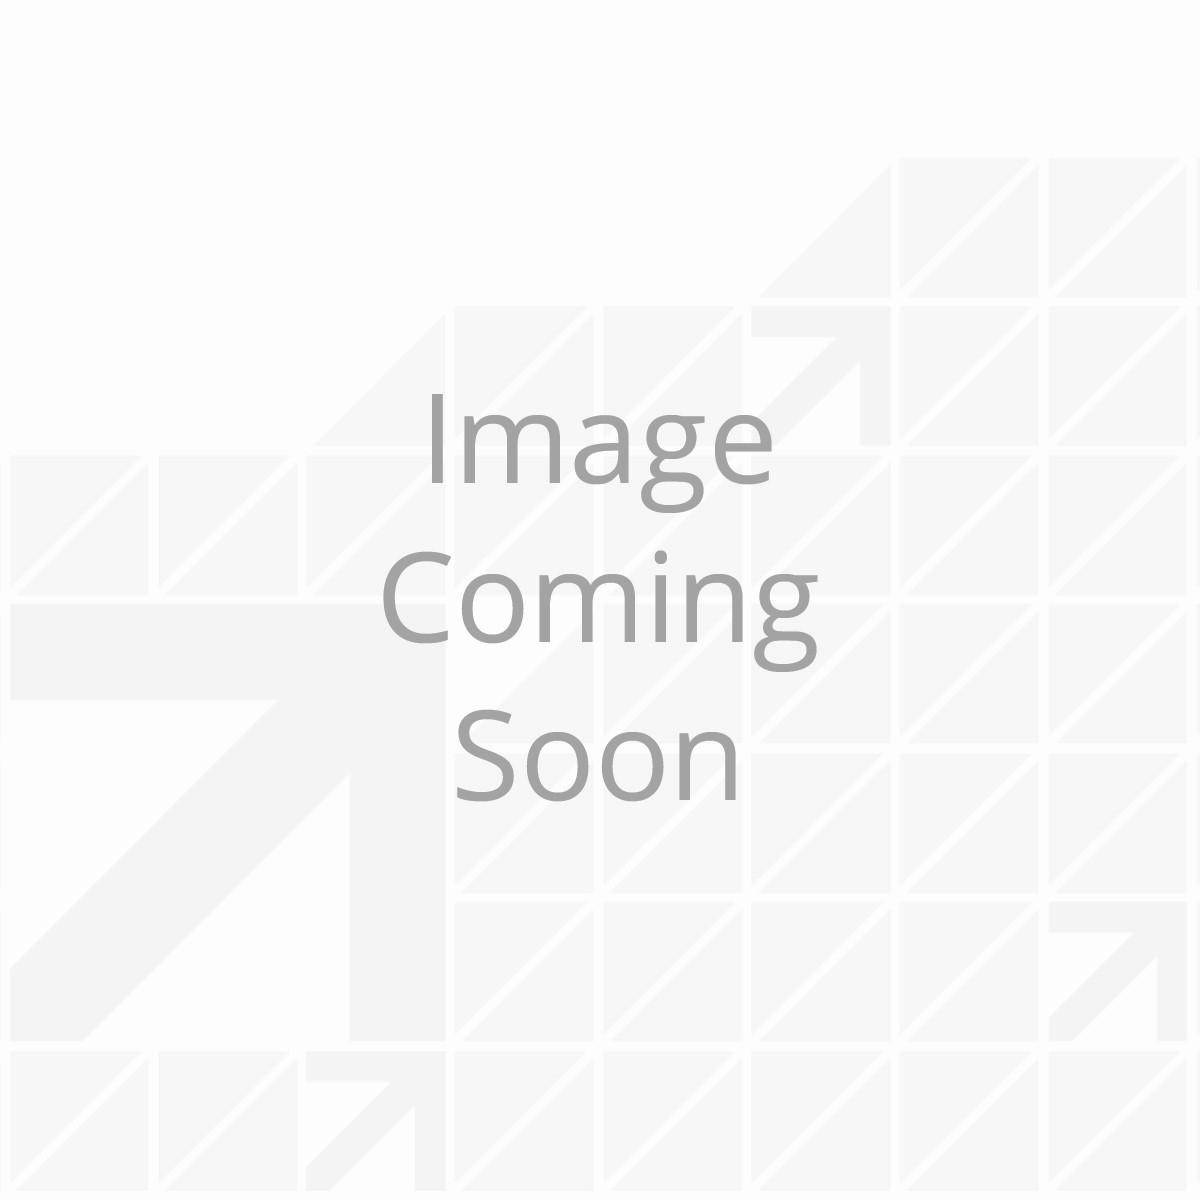 Ground Control® 3.0 4-Point System w/Wireless Remote